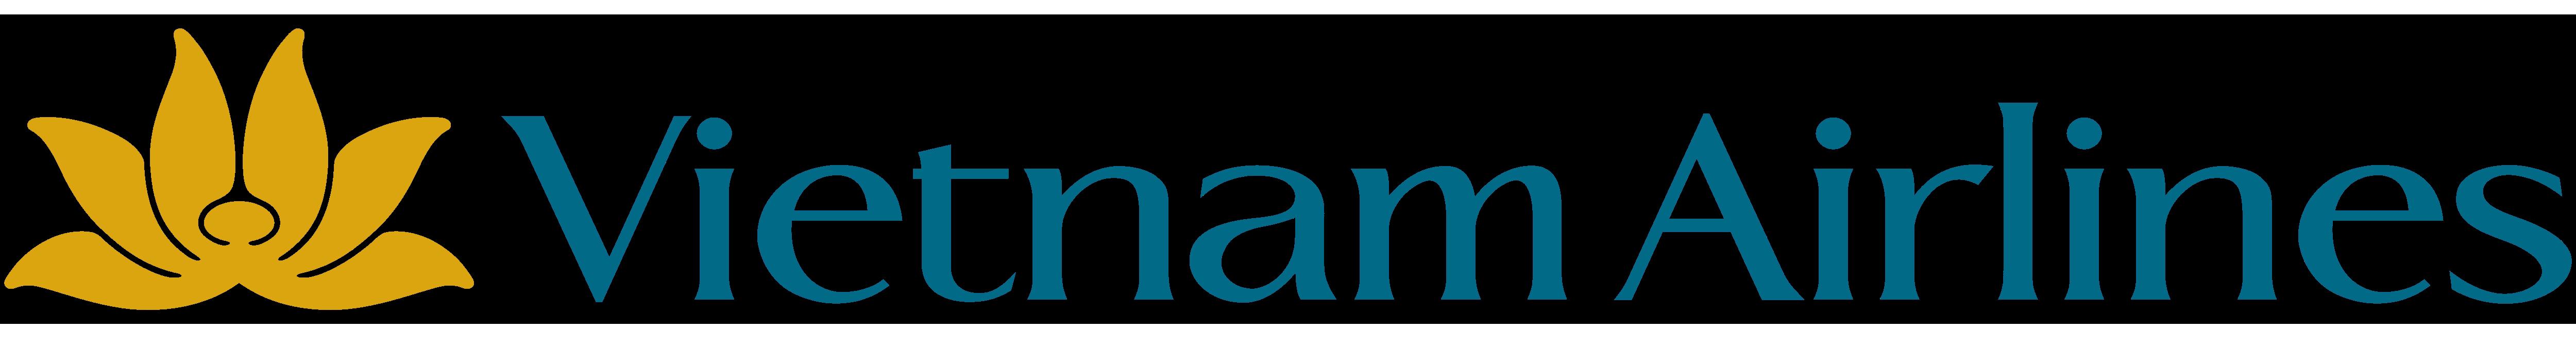 Vietnam Airlines Logo Vector PNG - 37091